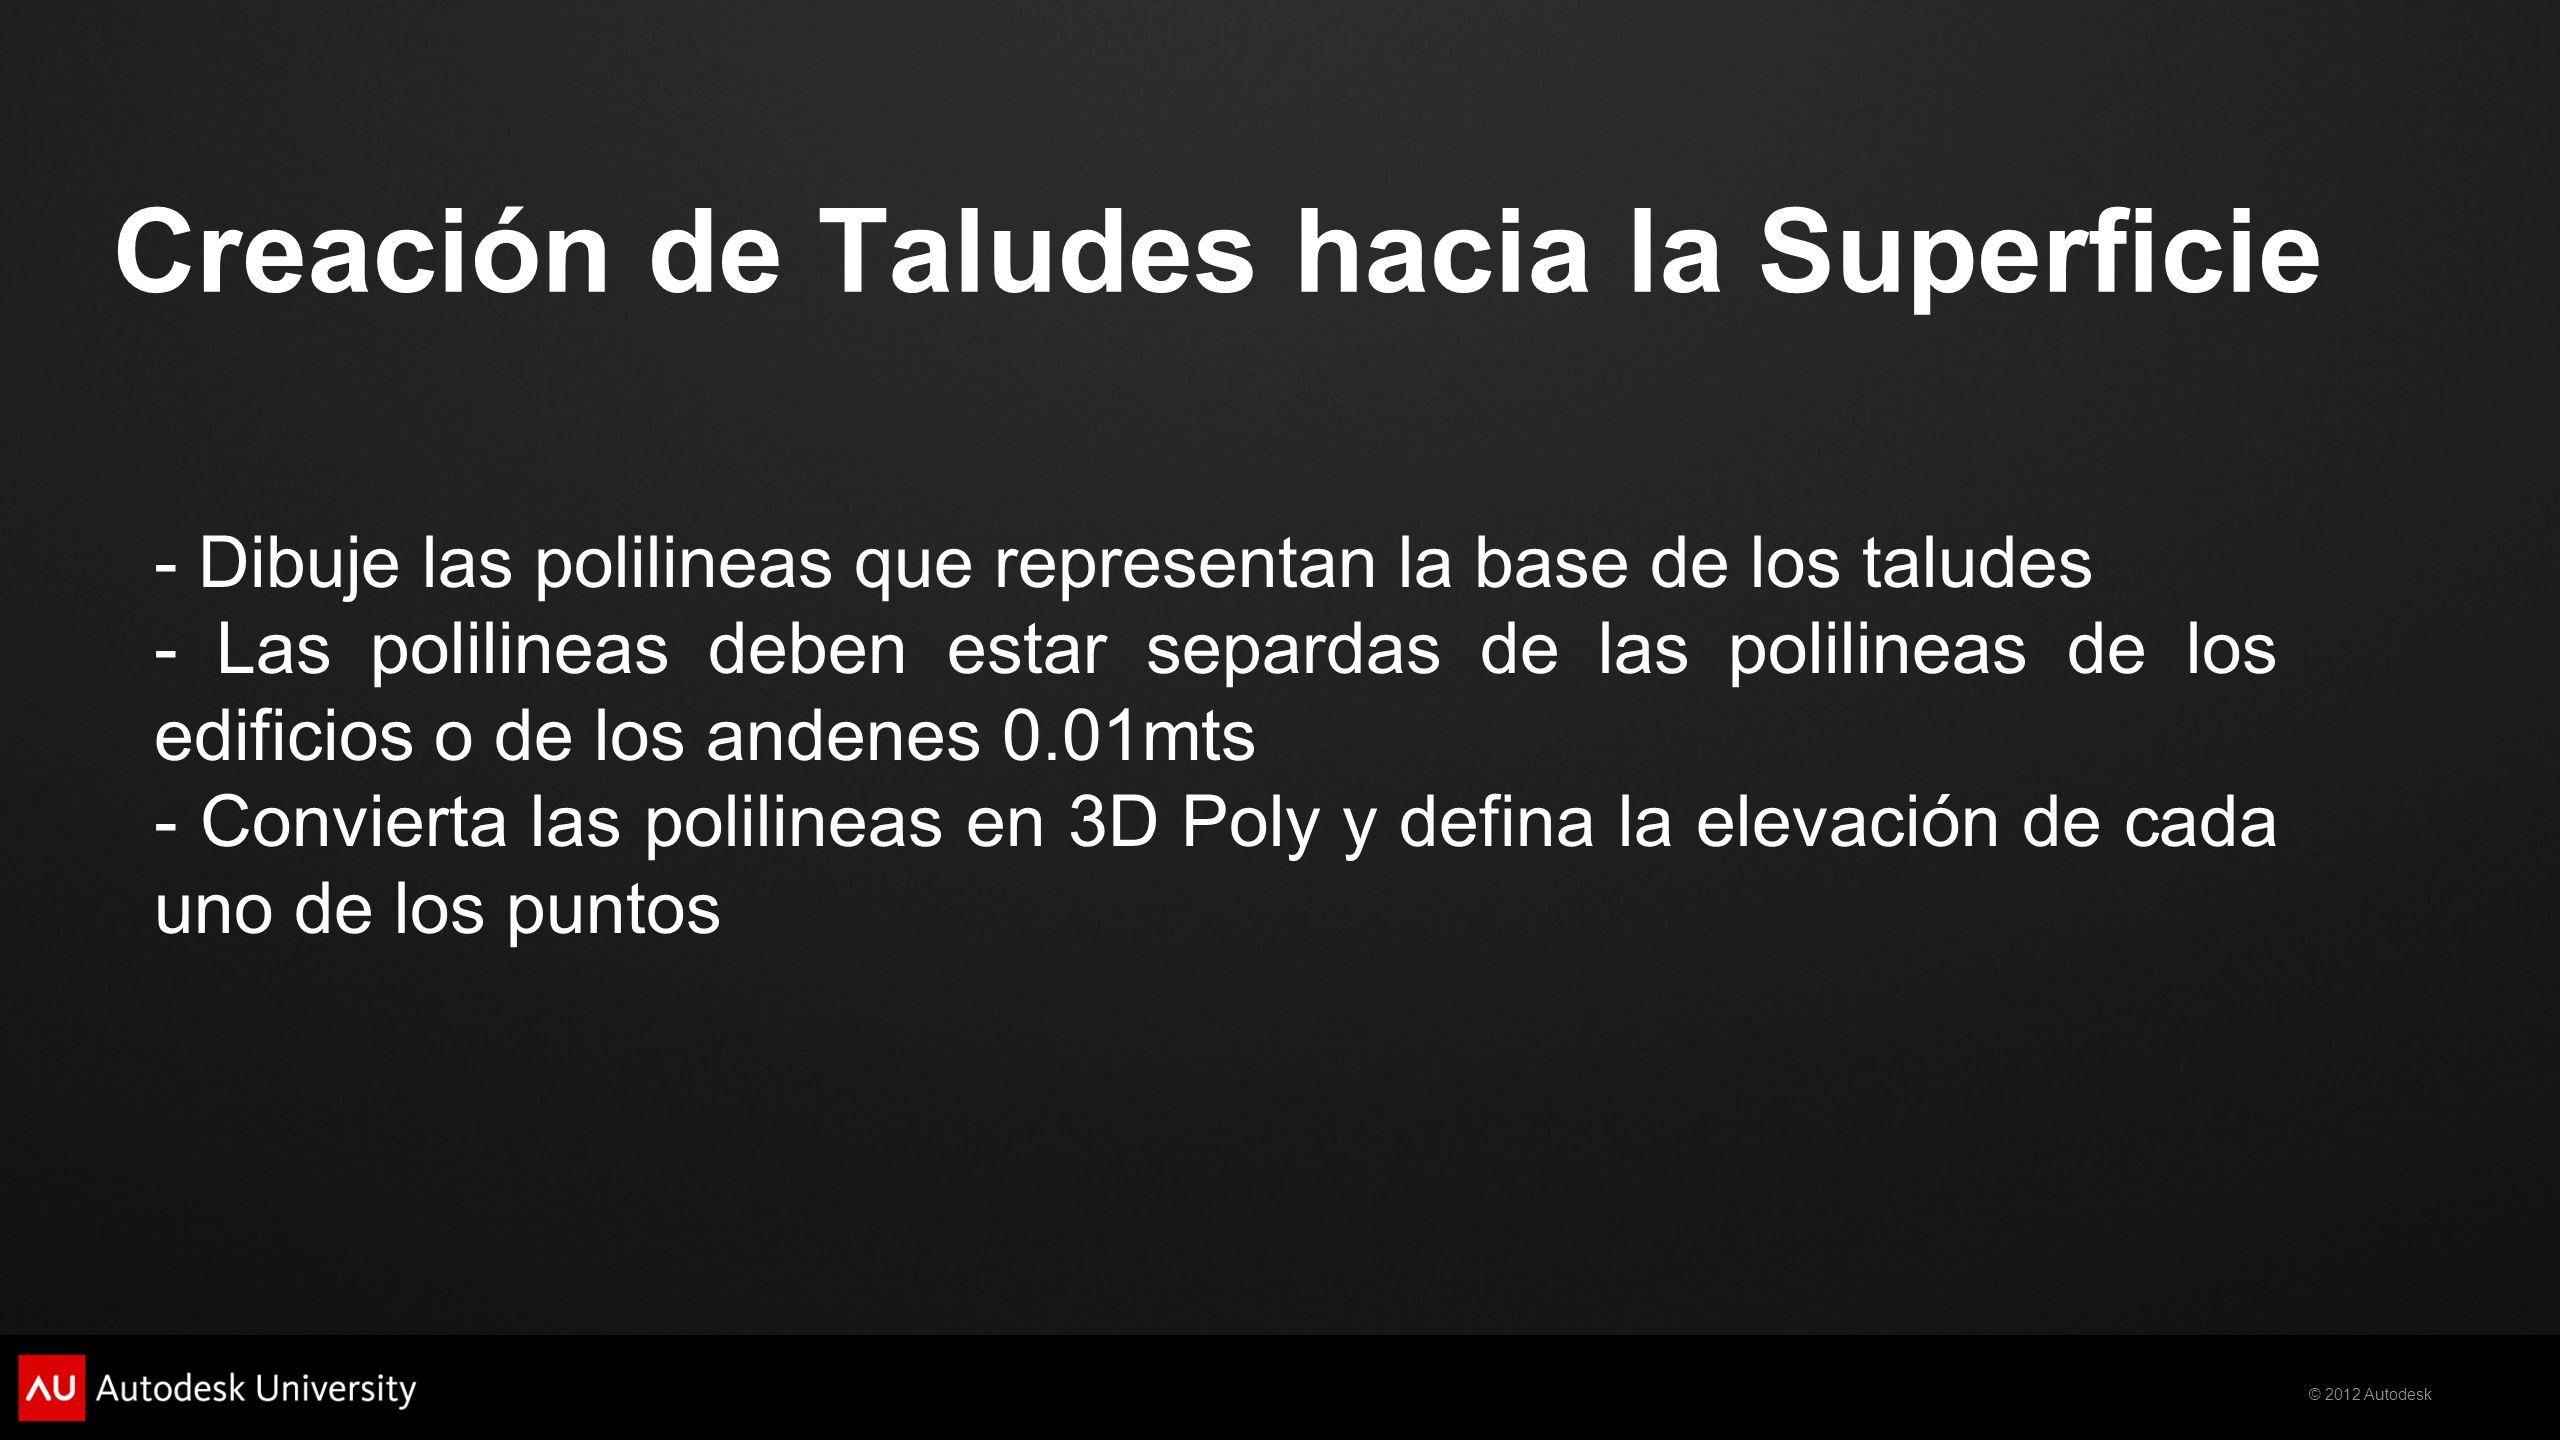 Creación de Taludes hacia la Superficie